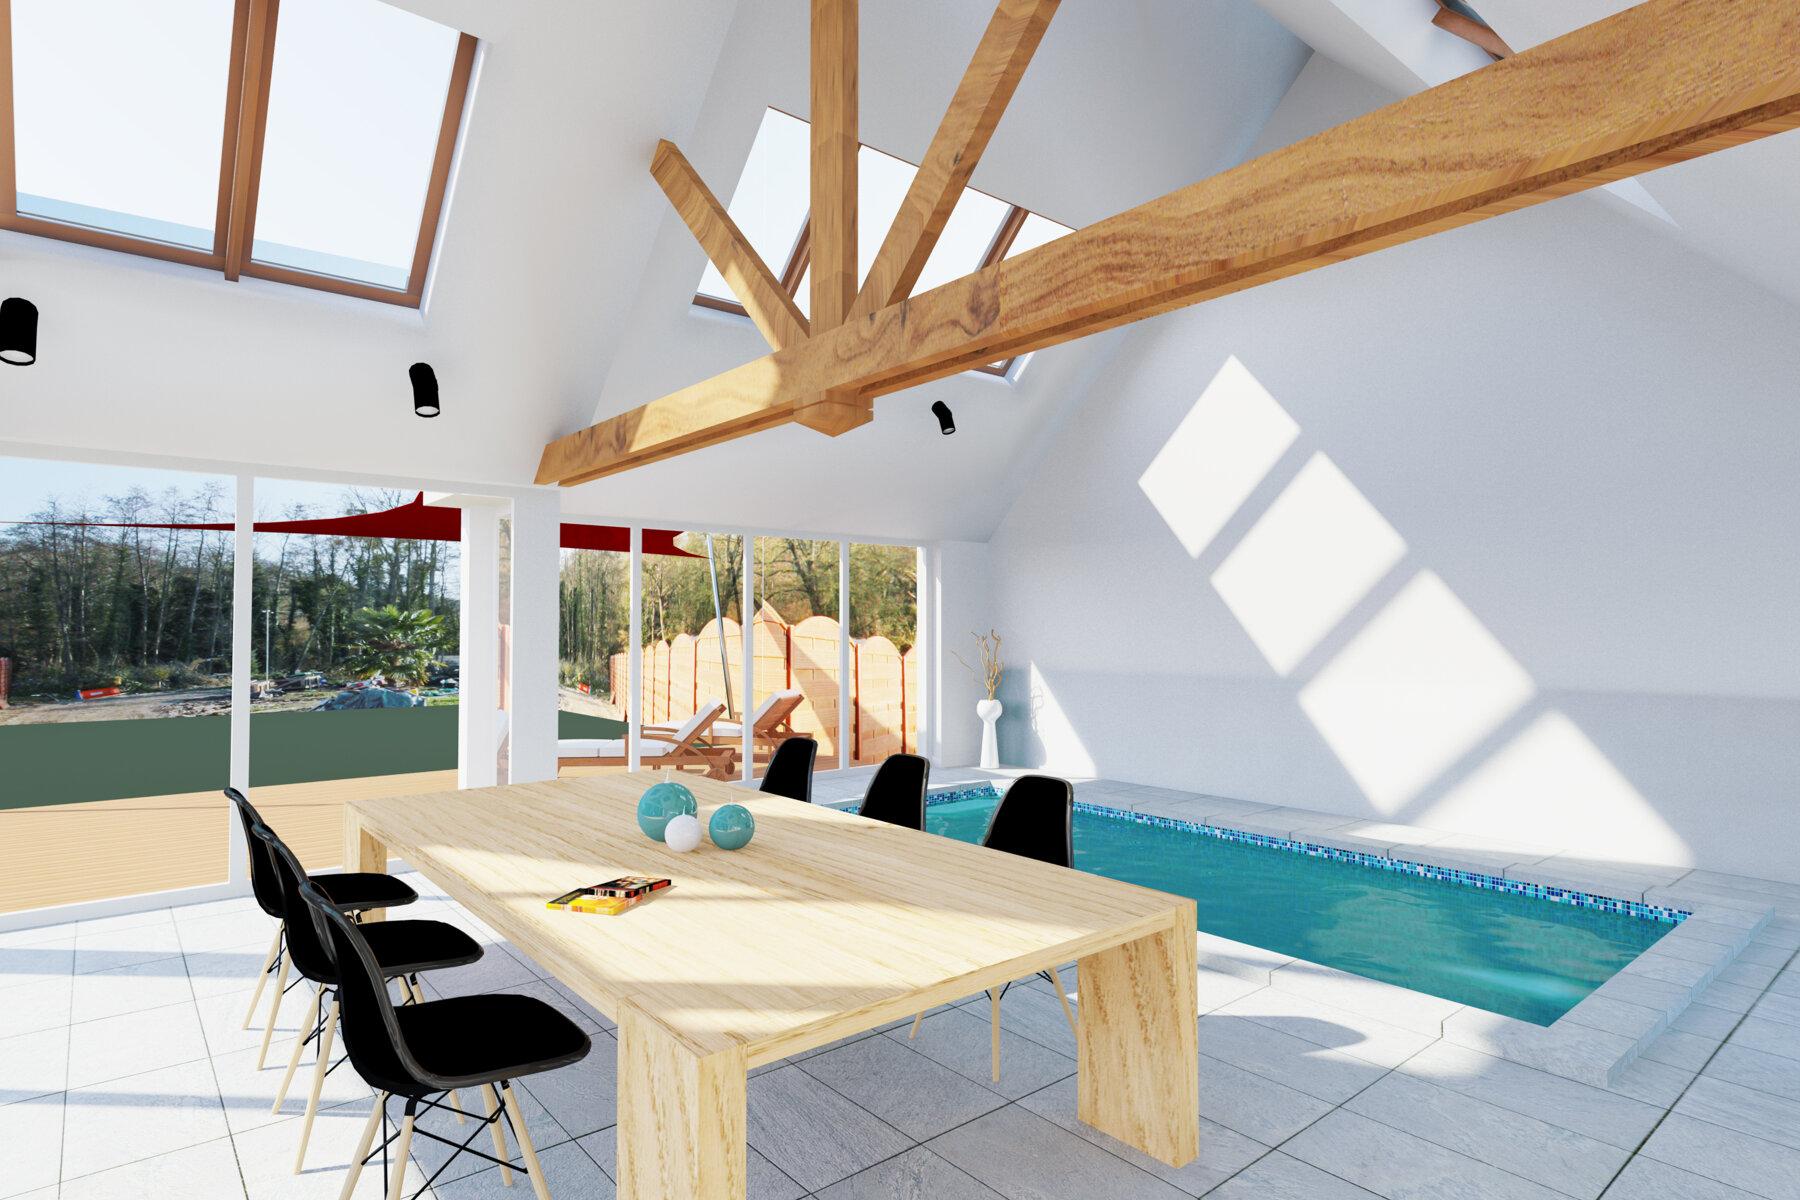 Projet Piscine Saint Andre De Cubzac ᐅ extension à bury ≡ construction d'une piscine couverte